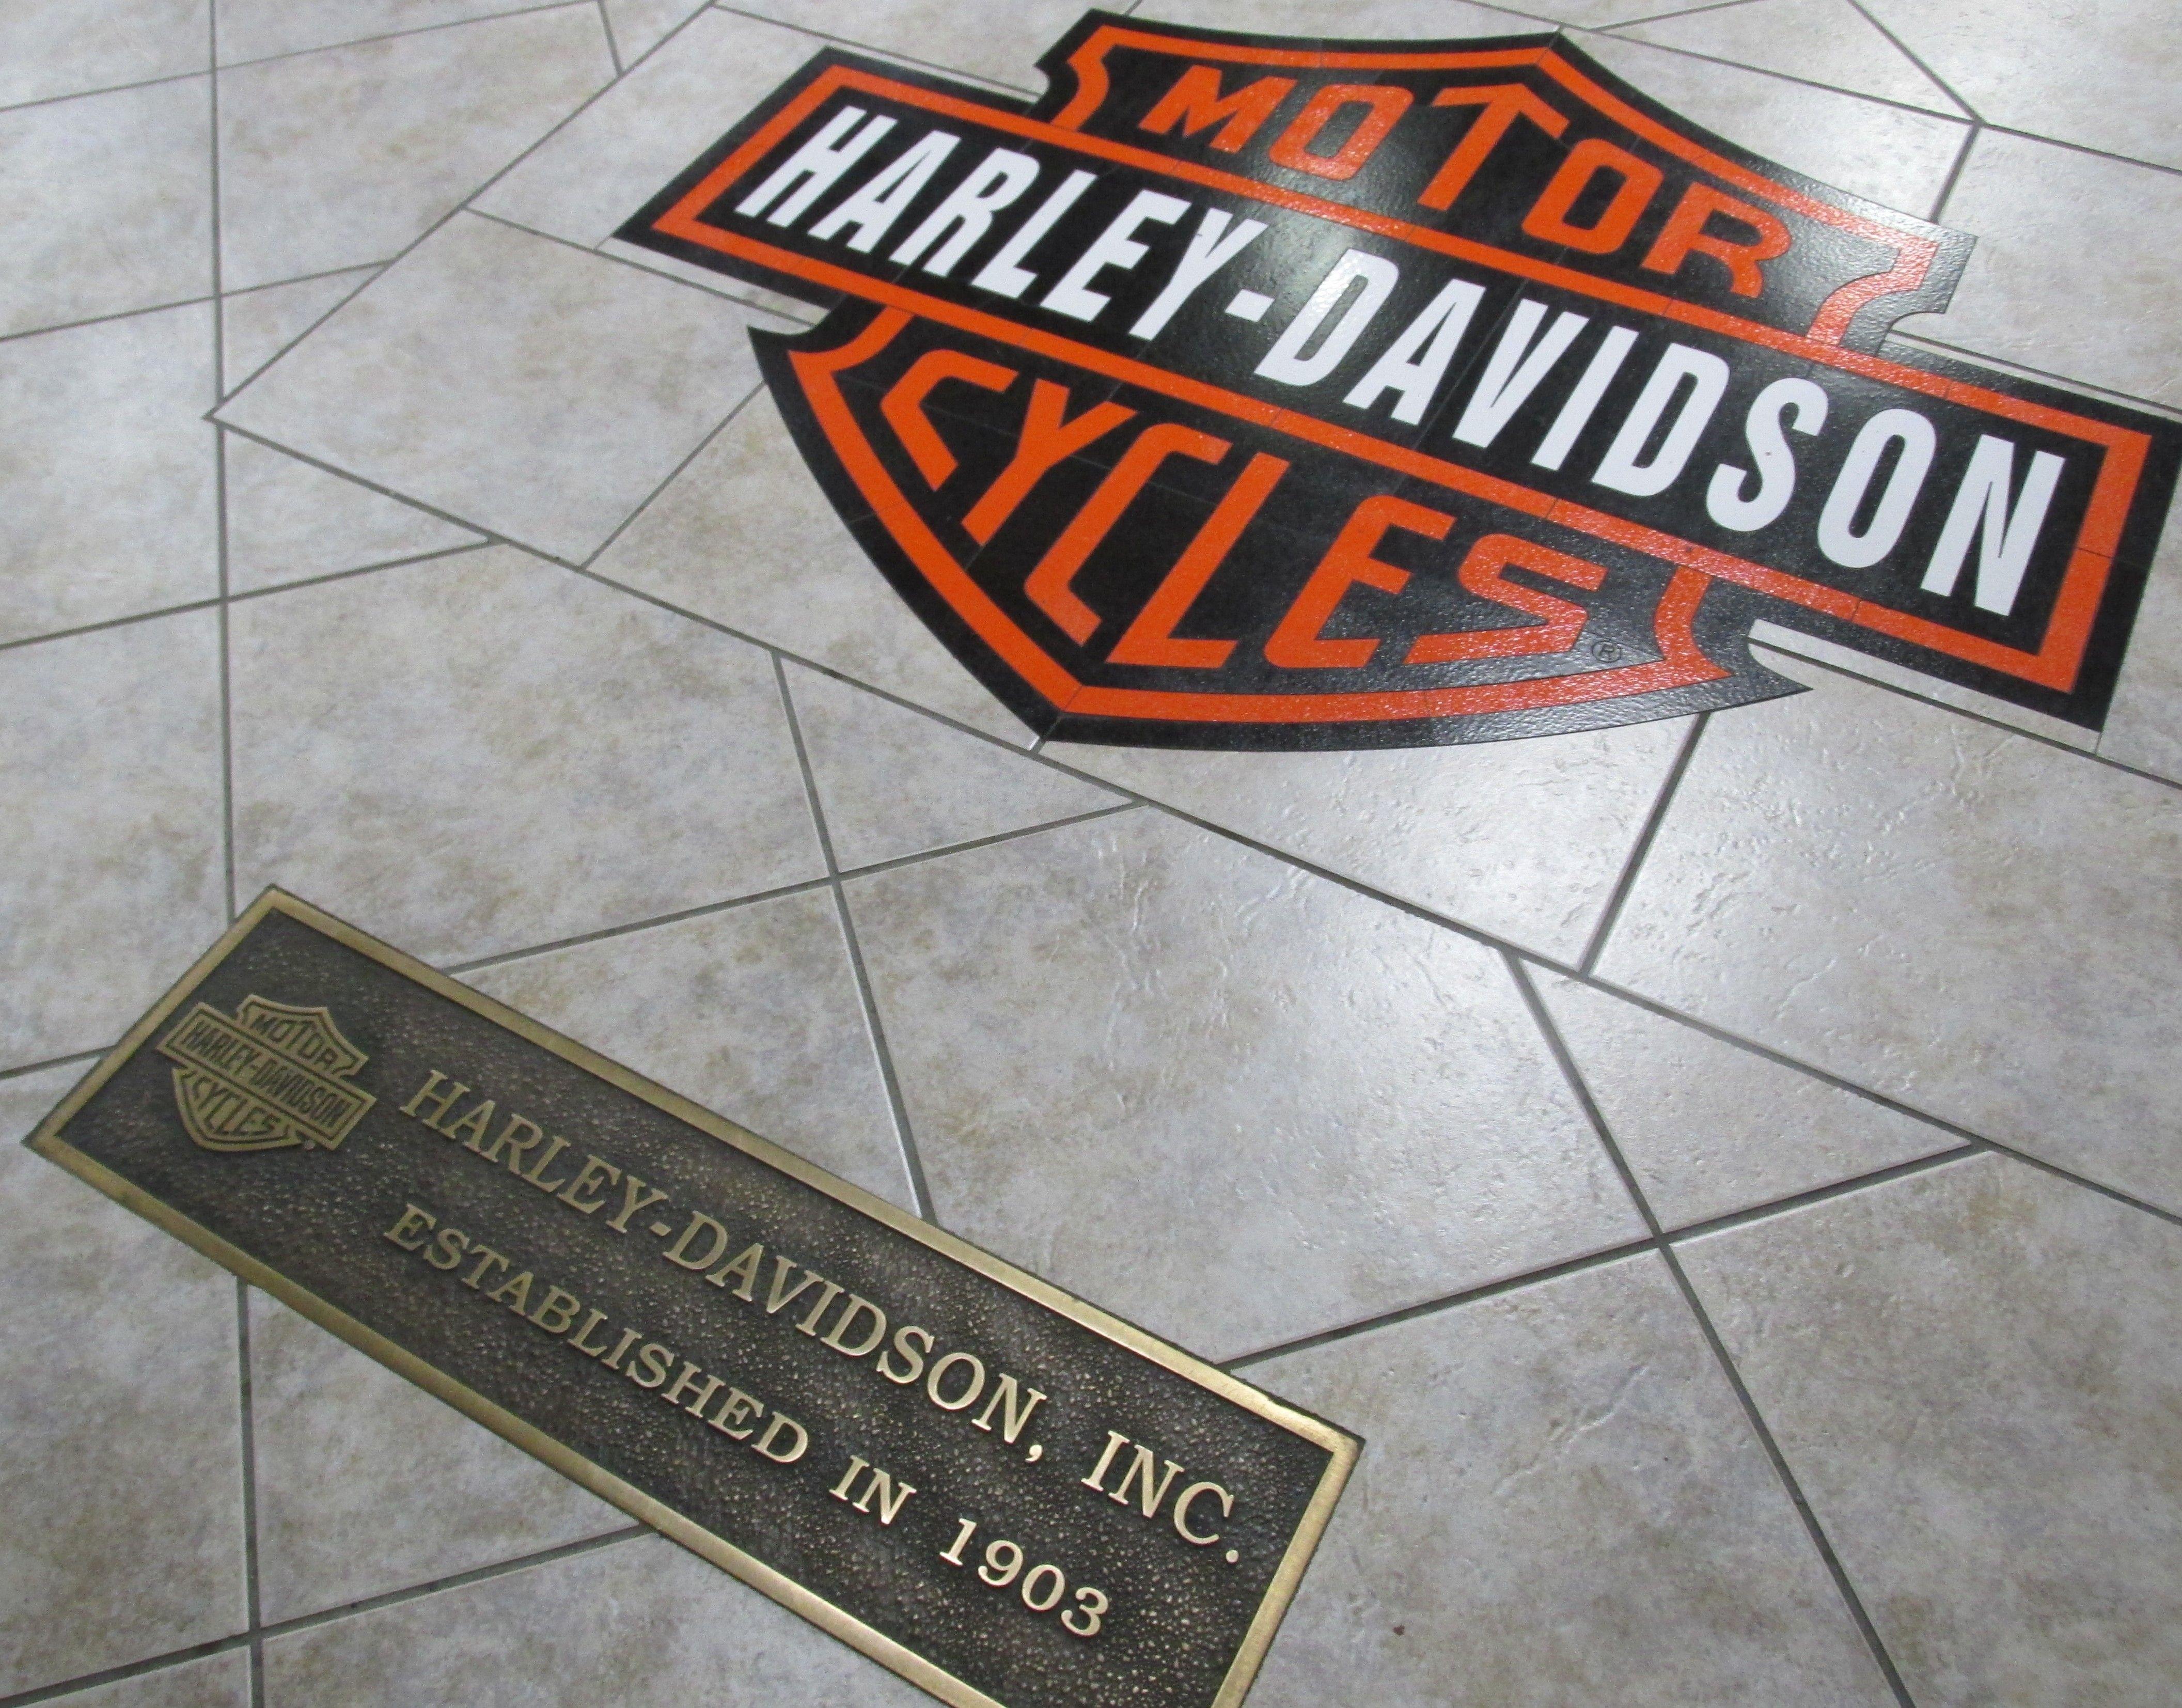 Harley Davidson Pensacola